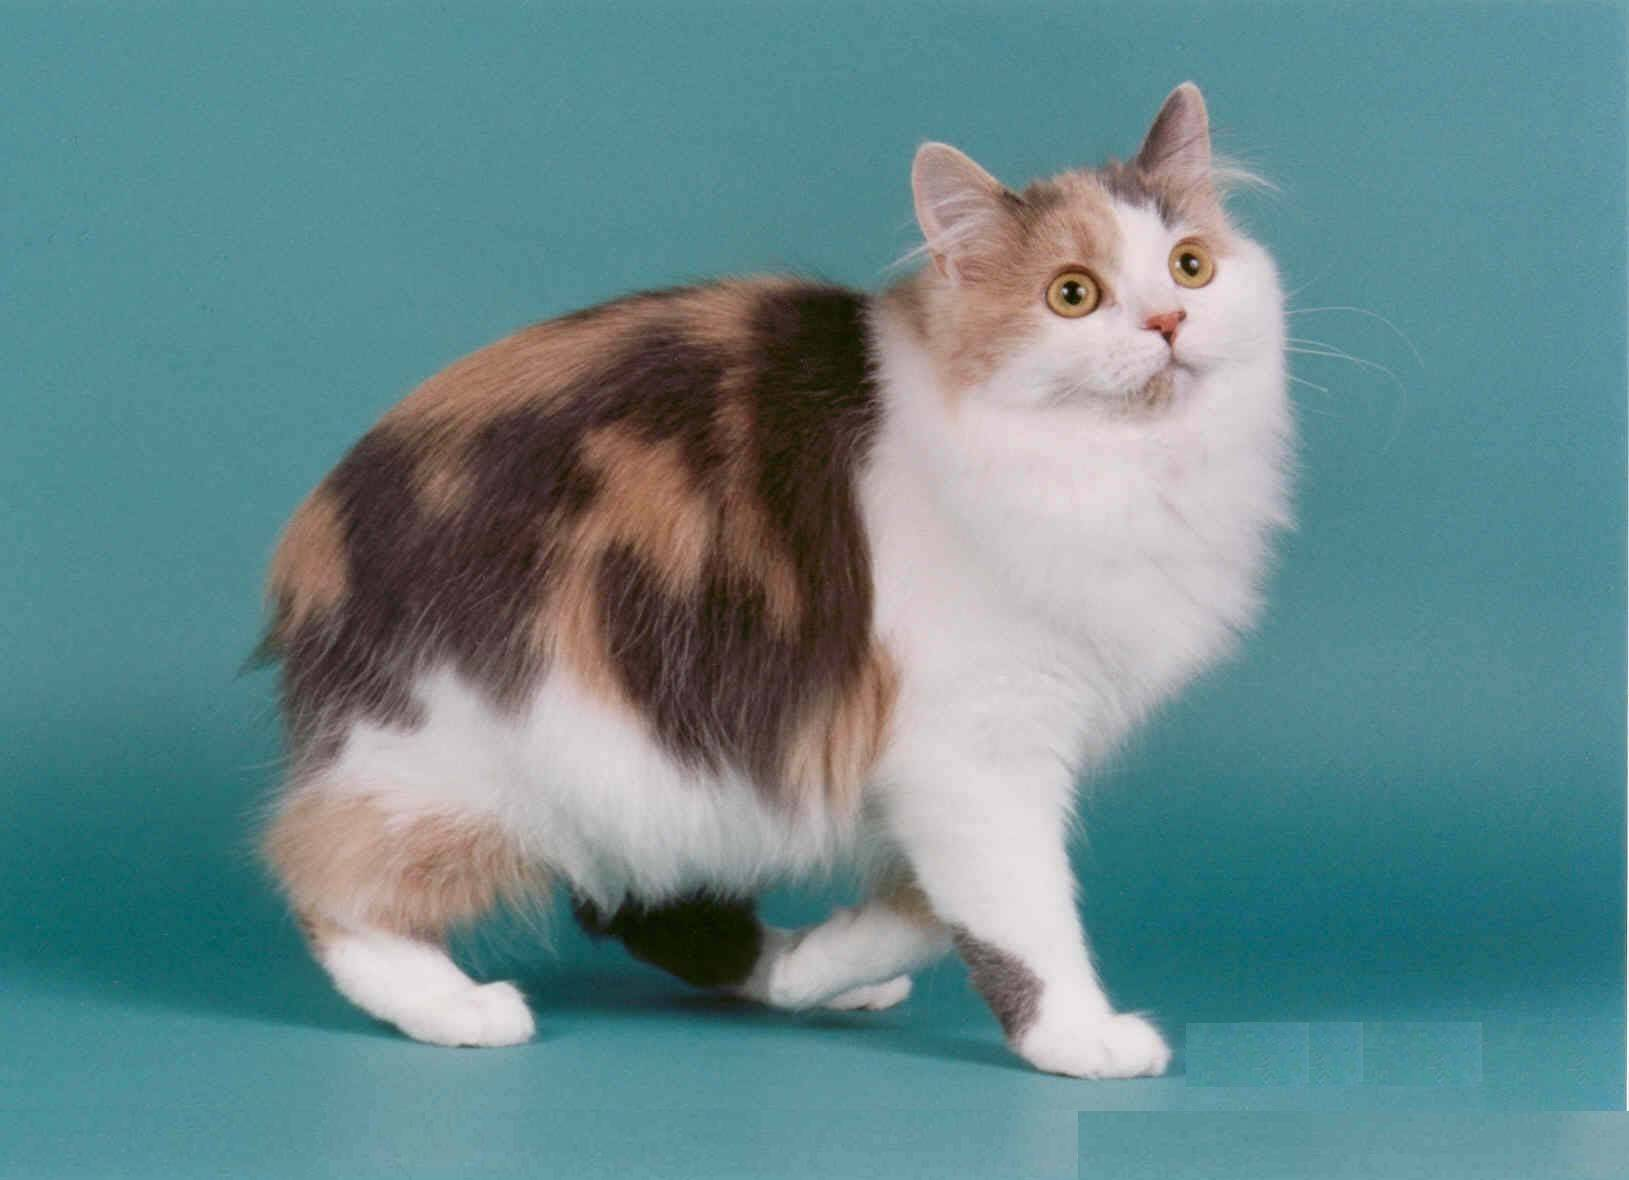 Кошка породы мэнкс - 115 фото, история, международный стандарт и его нормы